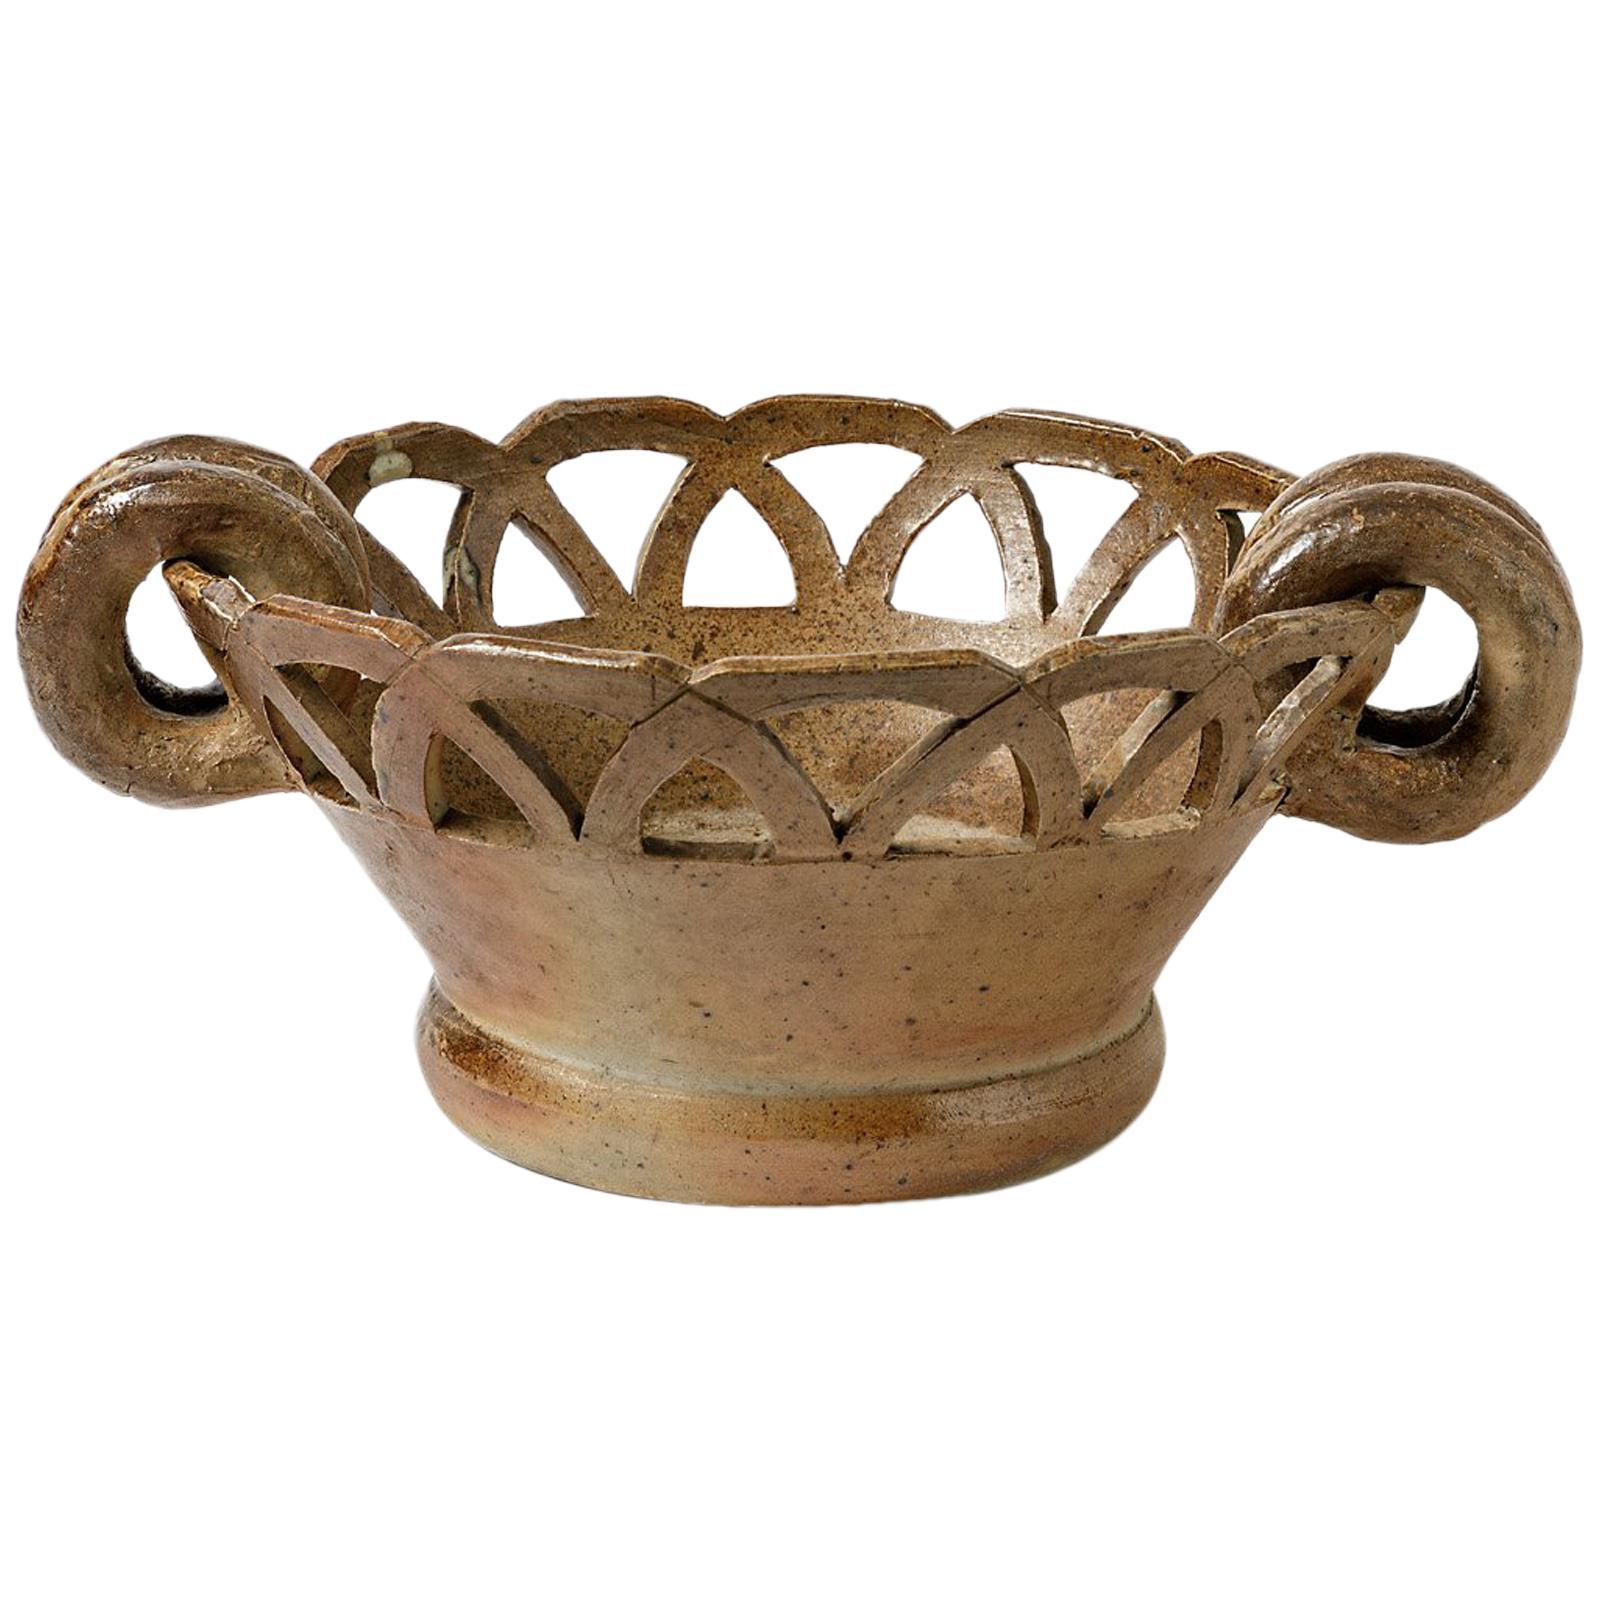 Large Stoneware Ceramic Cachepots or Jardiniere from La Borne, circa 1950